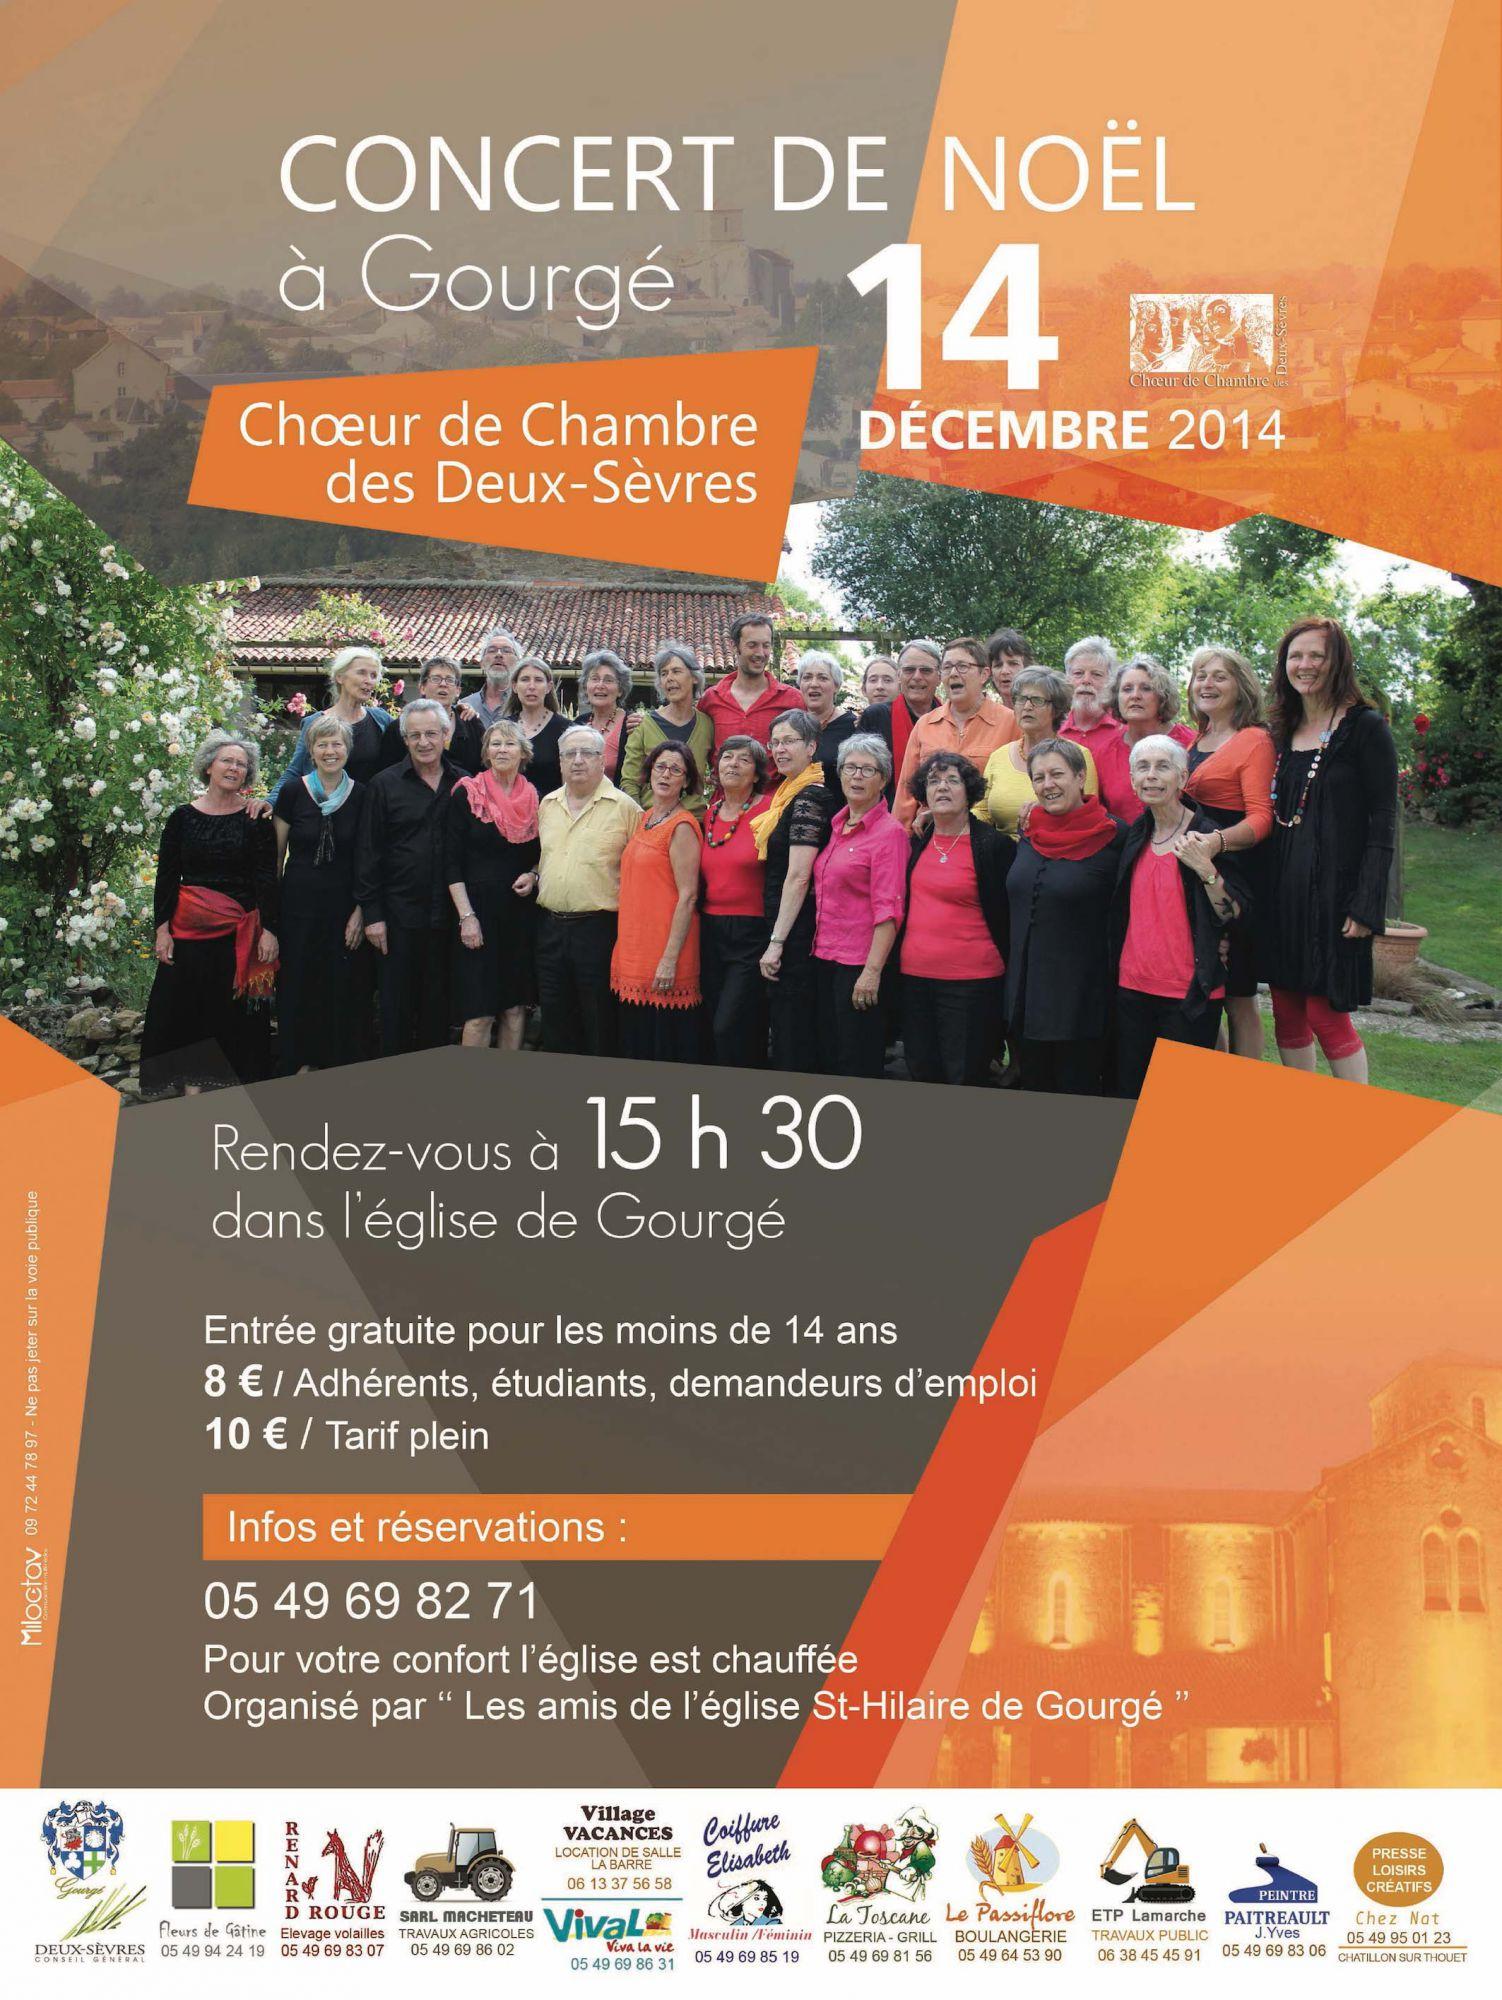 Affiche Gourgé concert noel 2014